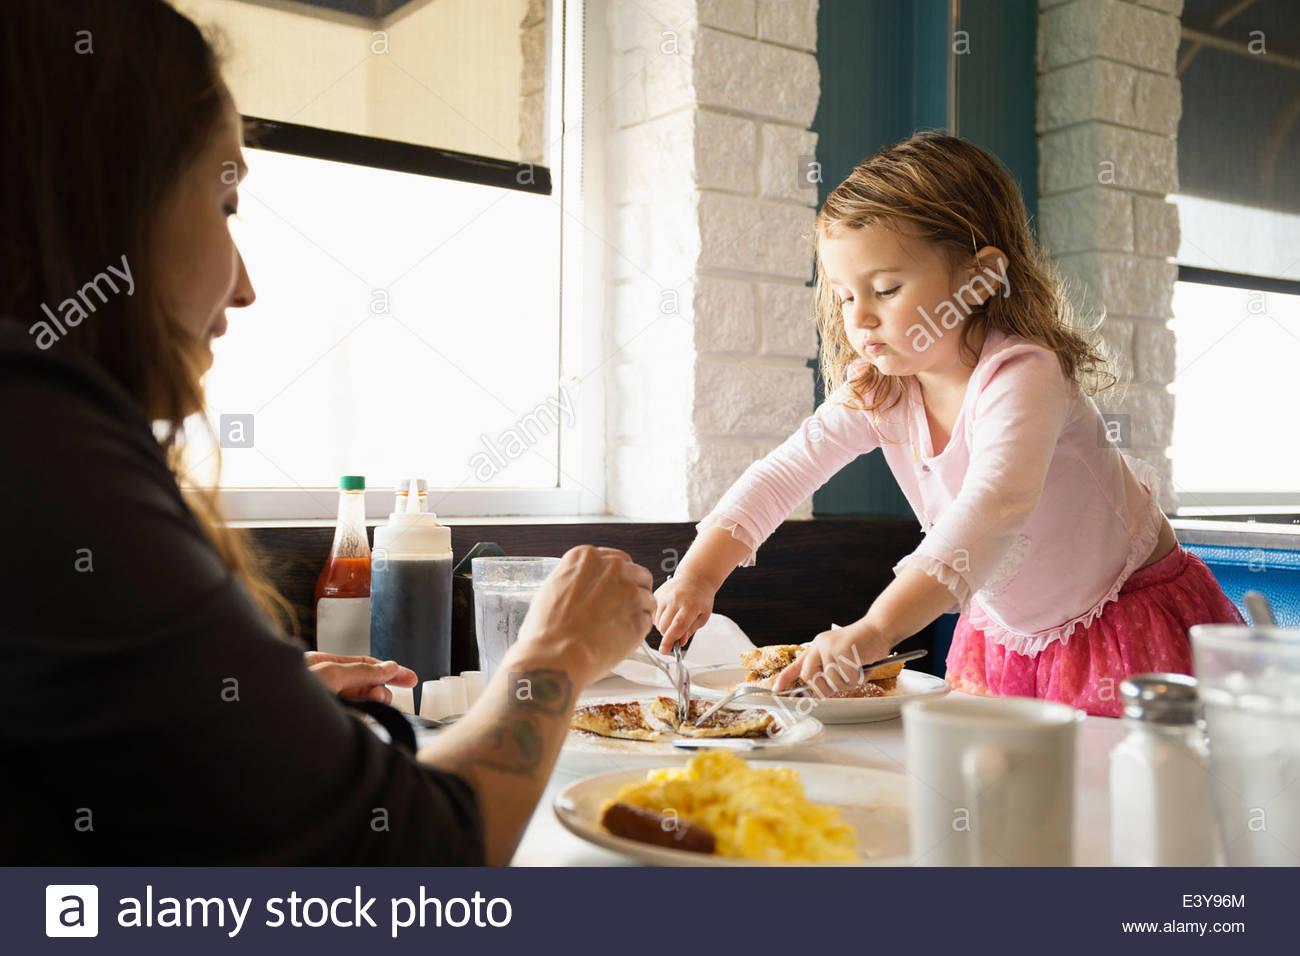 Mutter und Kleinkind Tochter Essen im diner Stockfoto